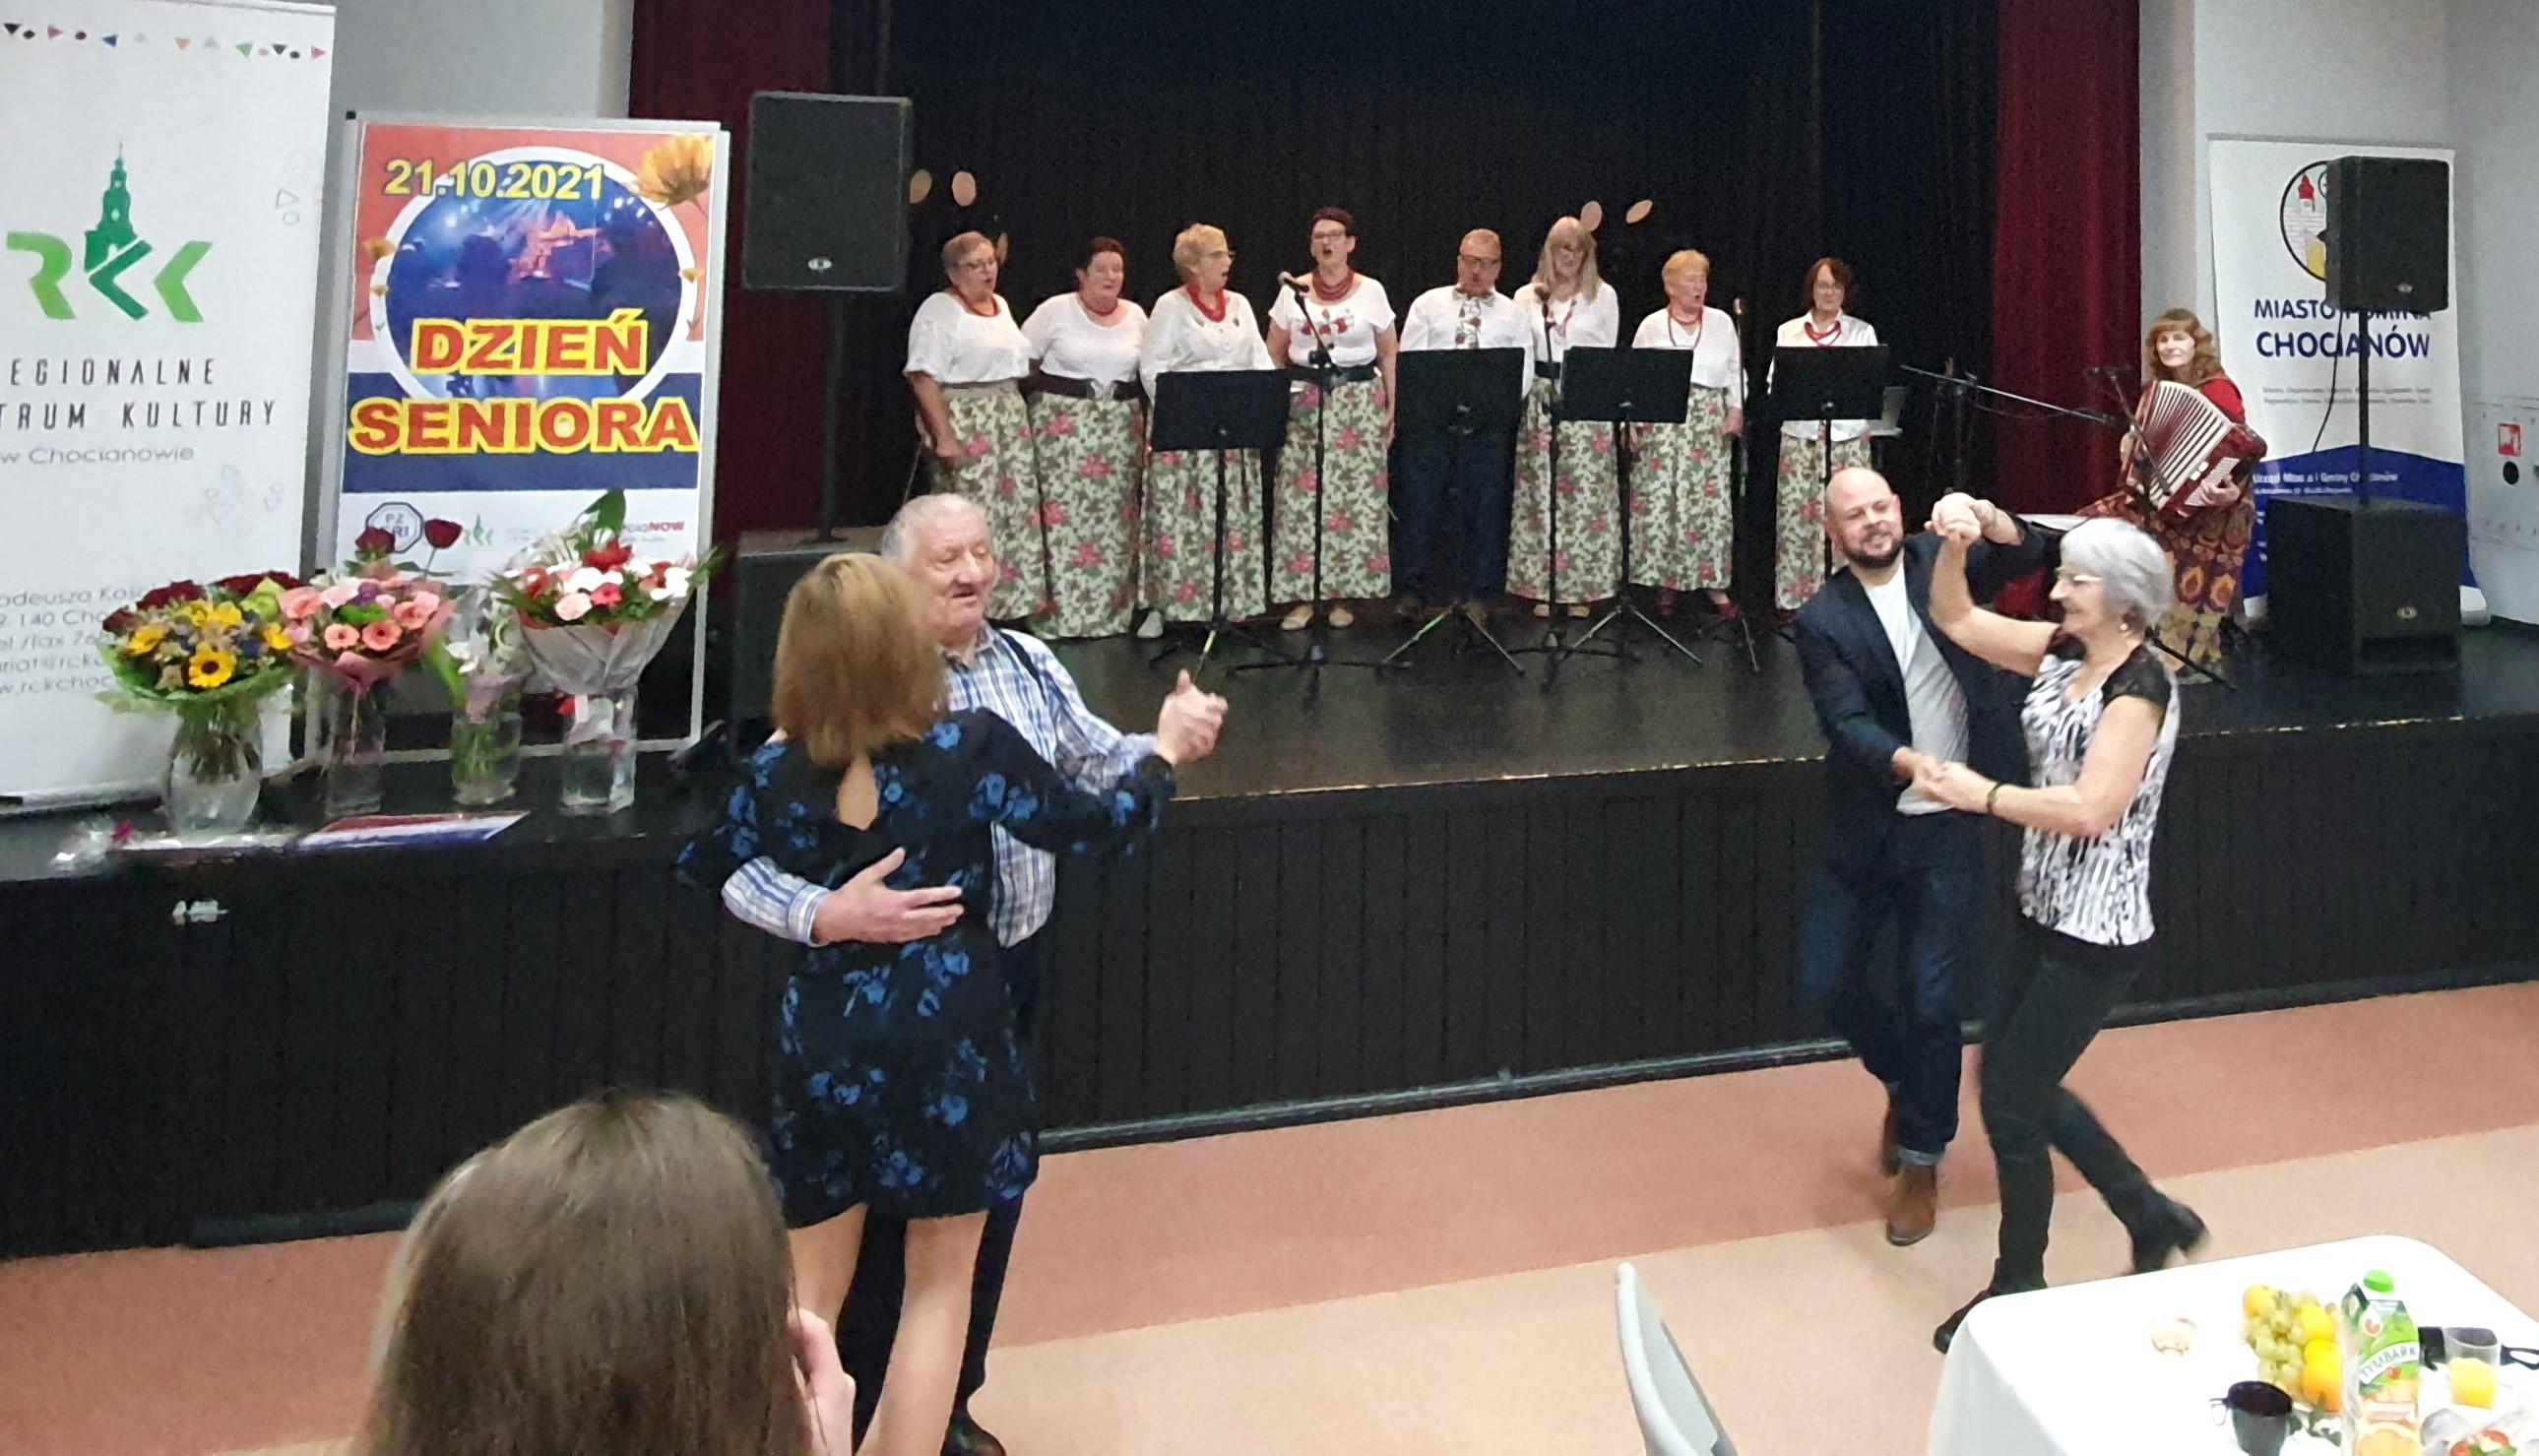 Dzień Seniora 2021 w Chocianowie (galeria zdjęć)